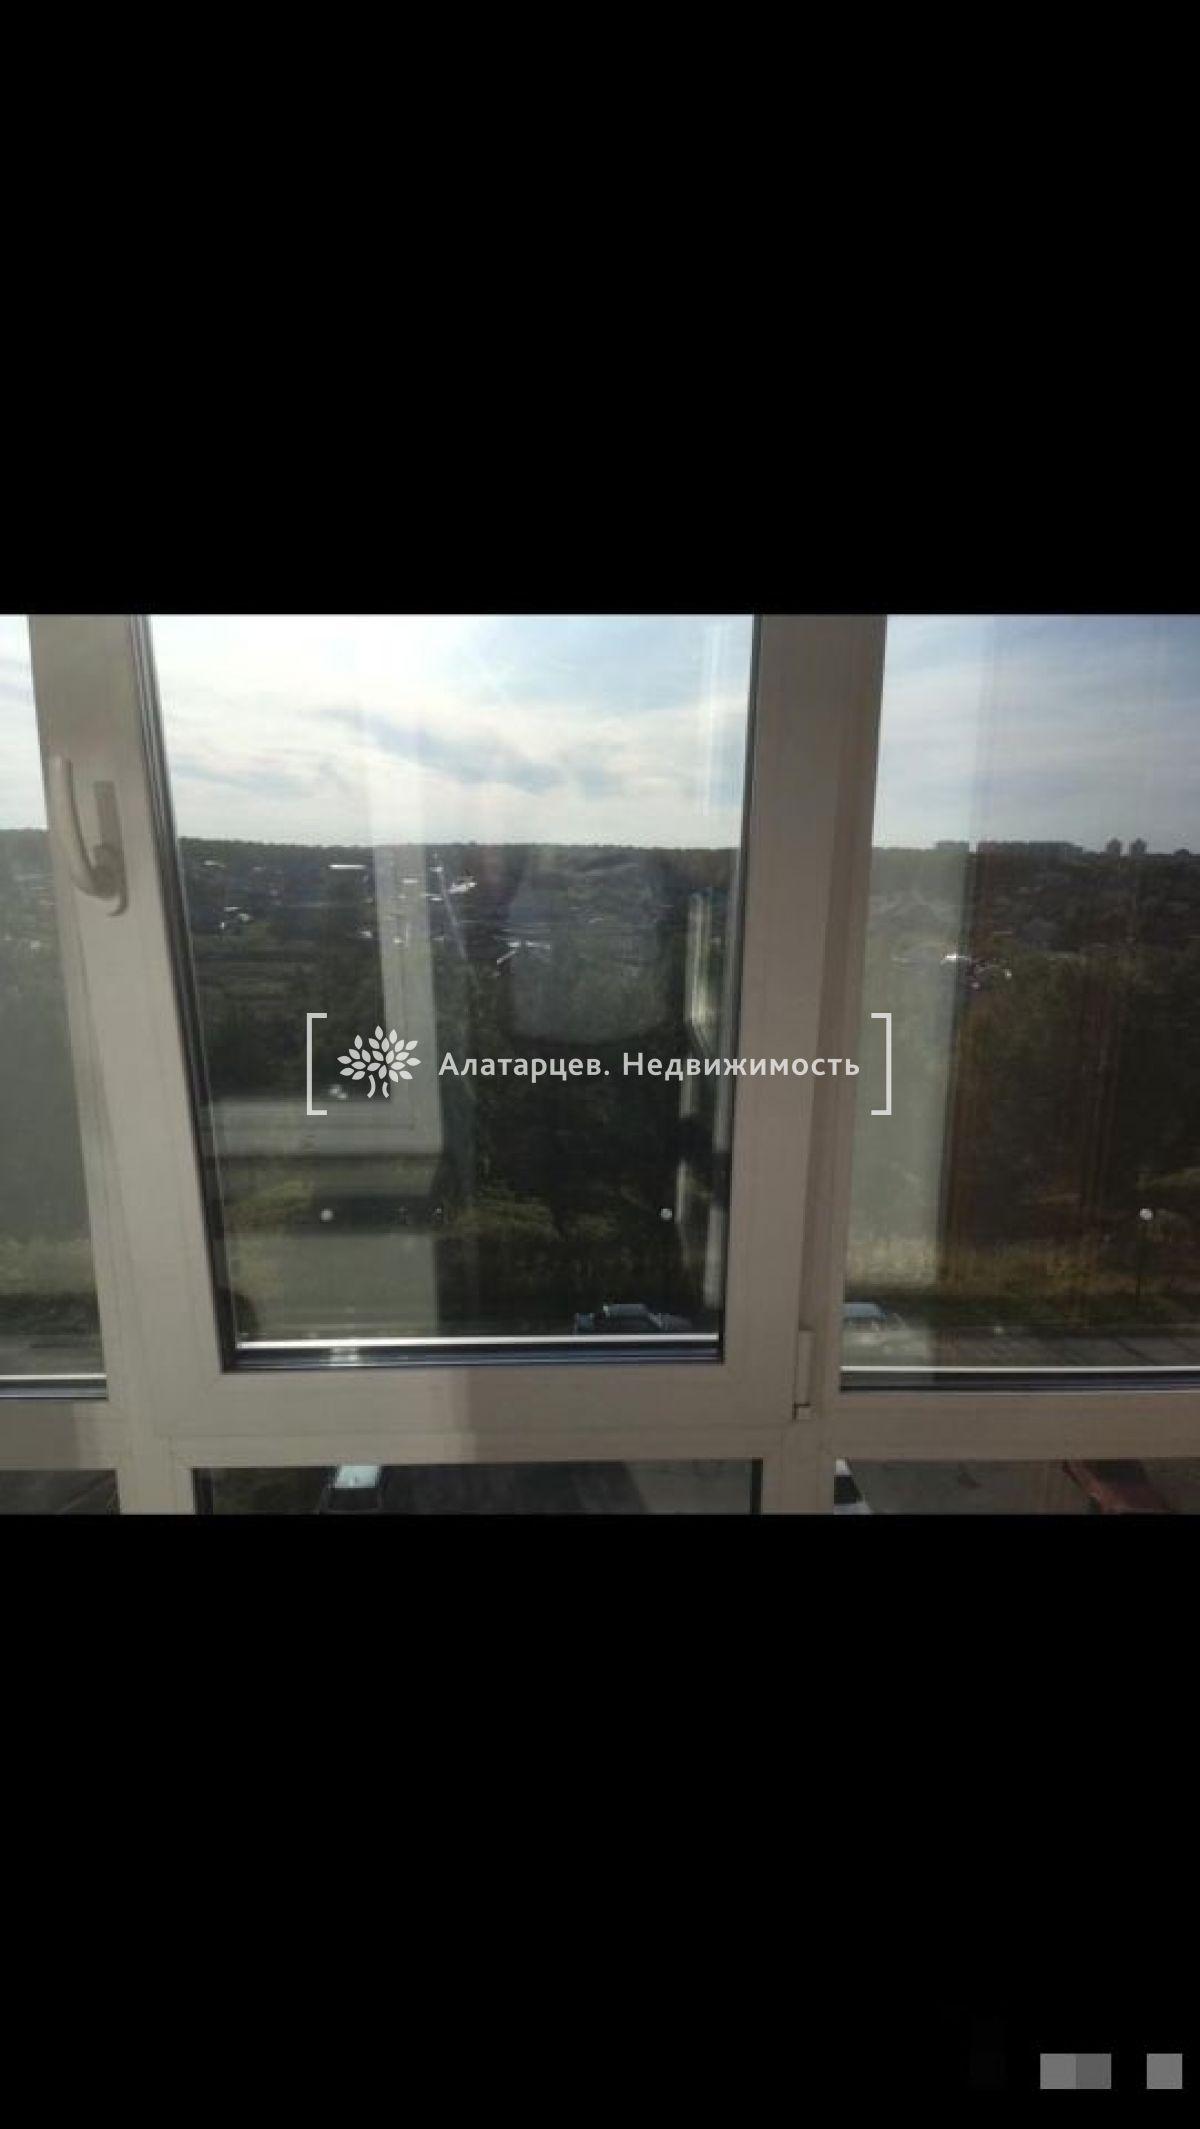 Квартира на продажу по адресу Россия, Томская область, Томский р-н, Зональная Станция, Ягодная ул, 1